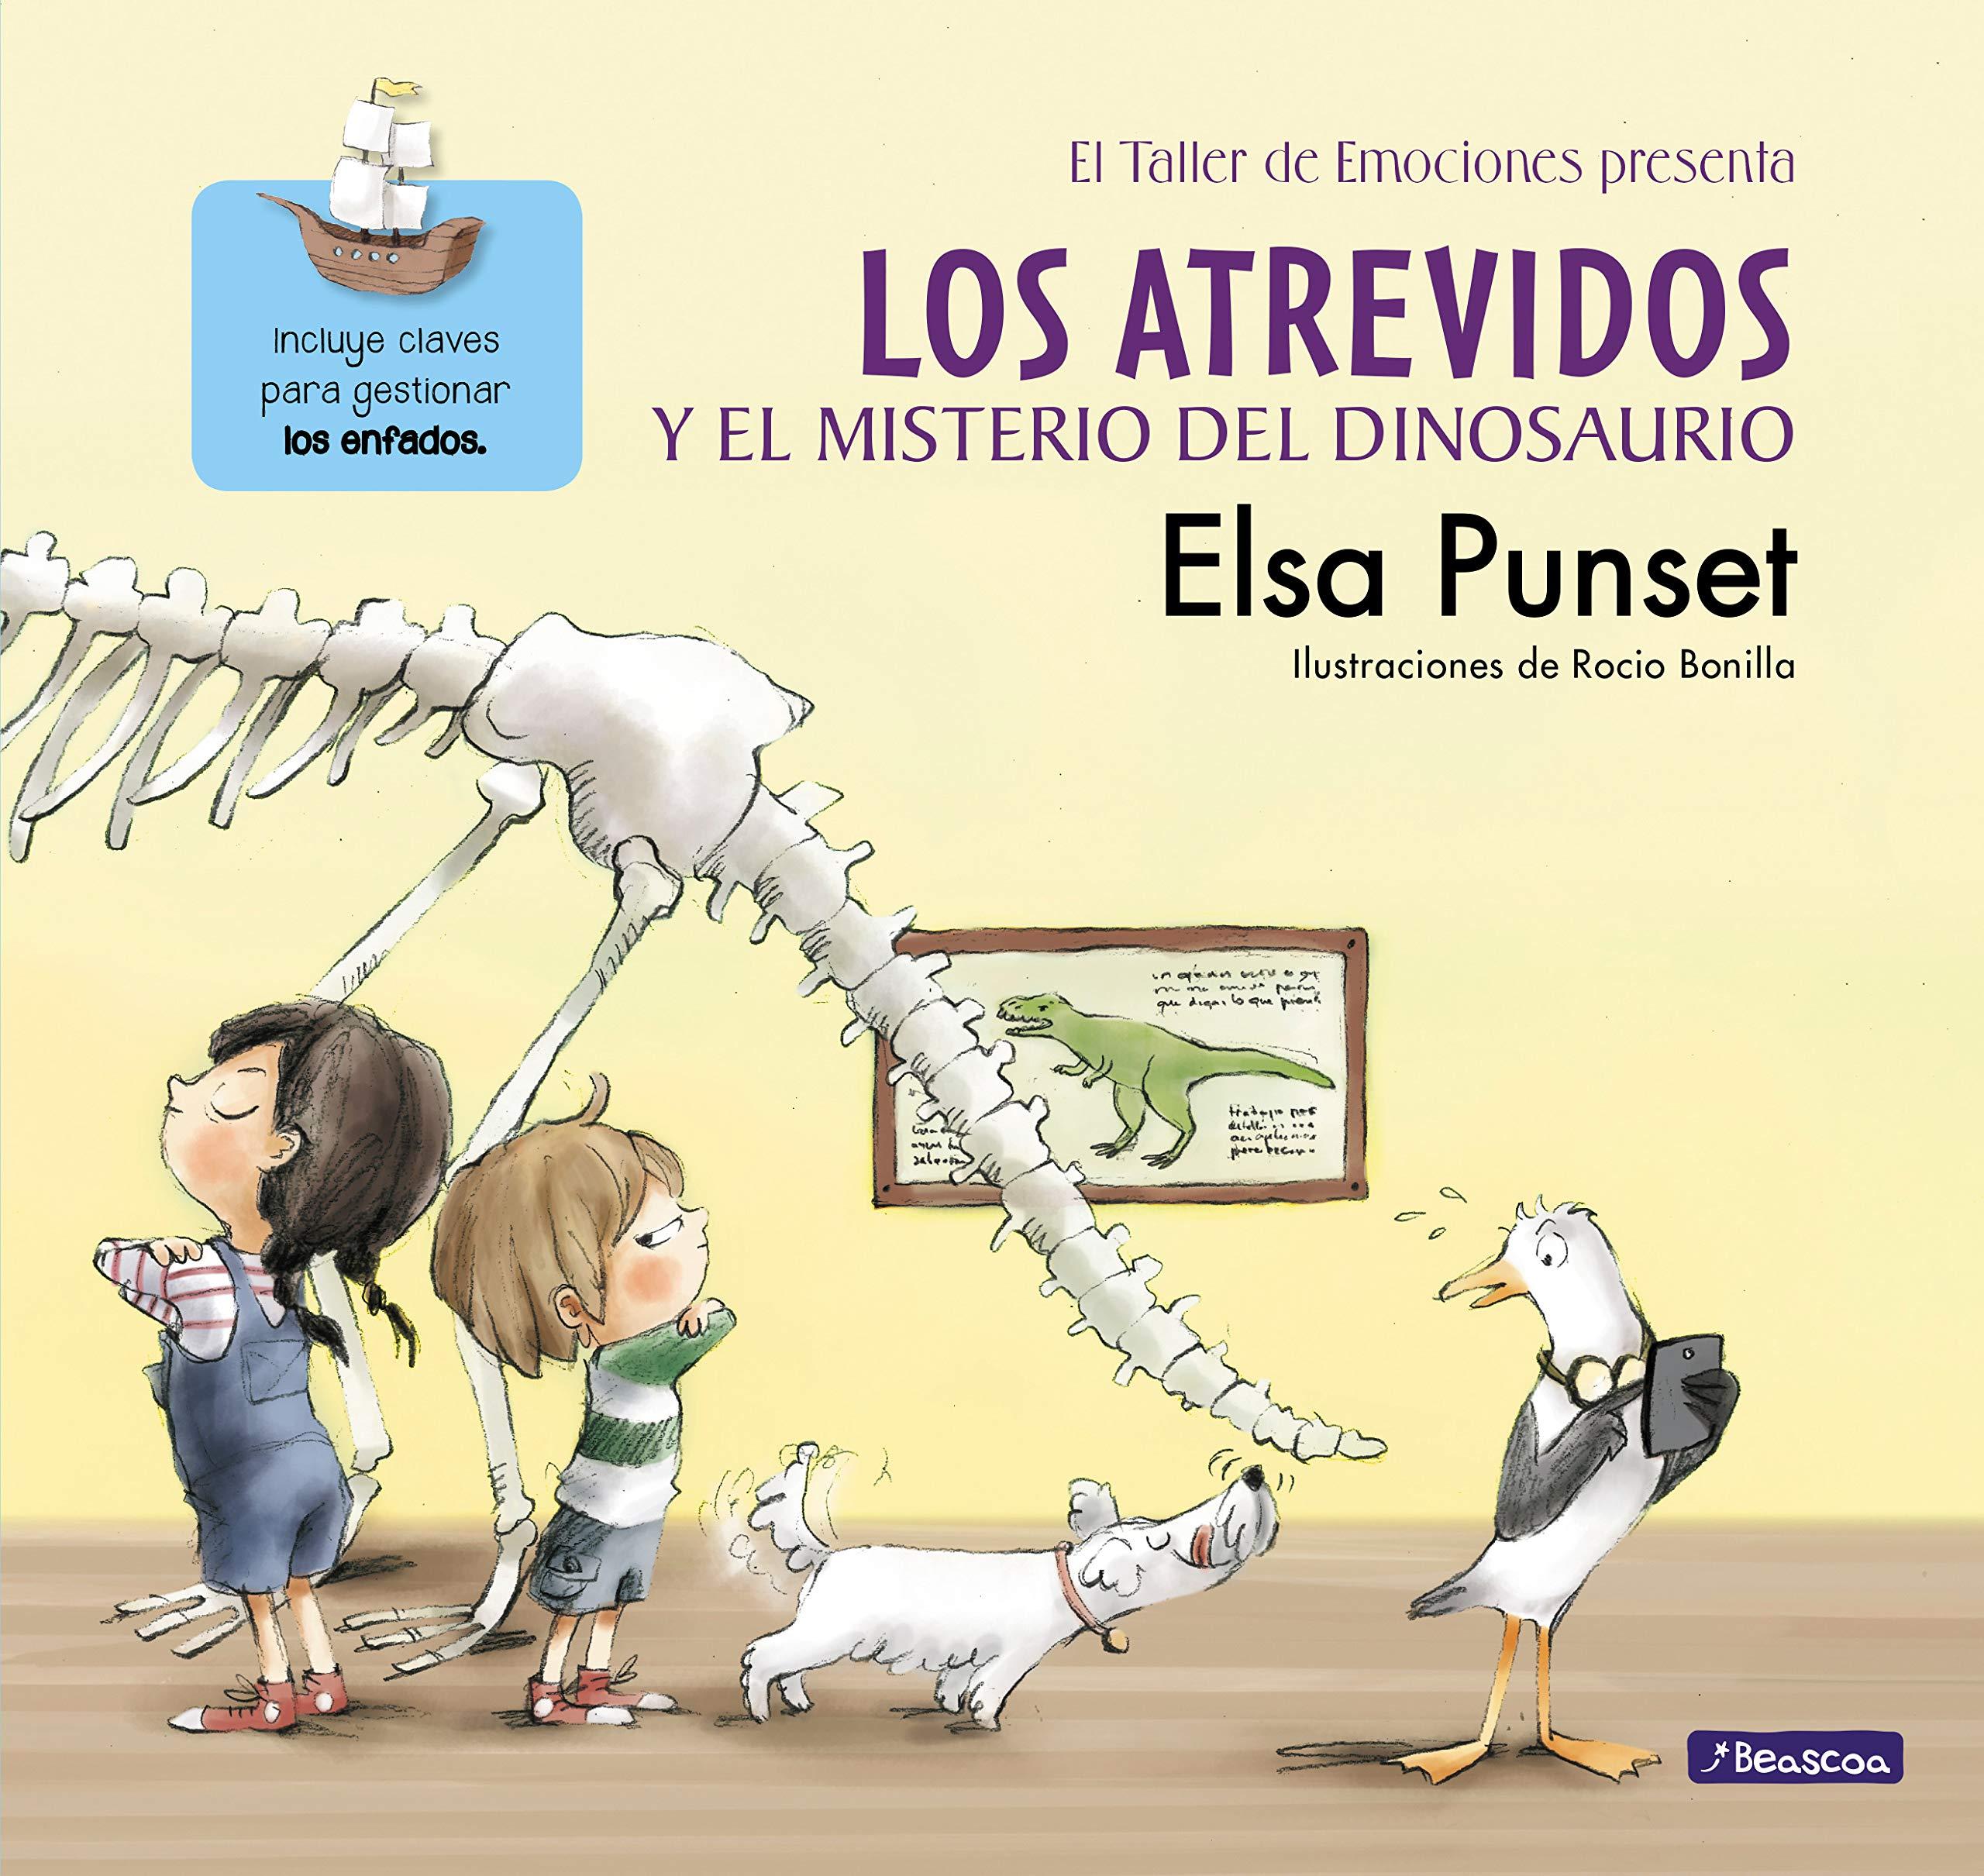 Los Atrevidos y el misterio del dinosaurio El taller de ...